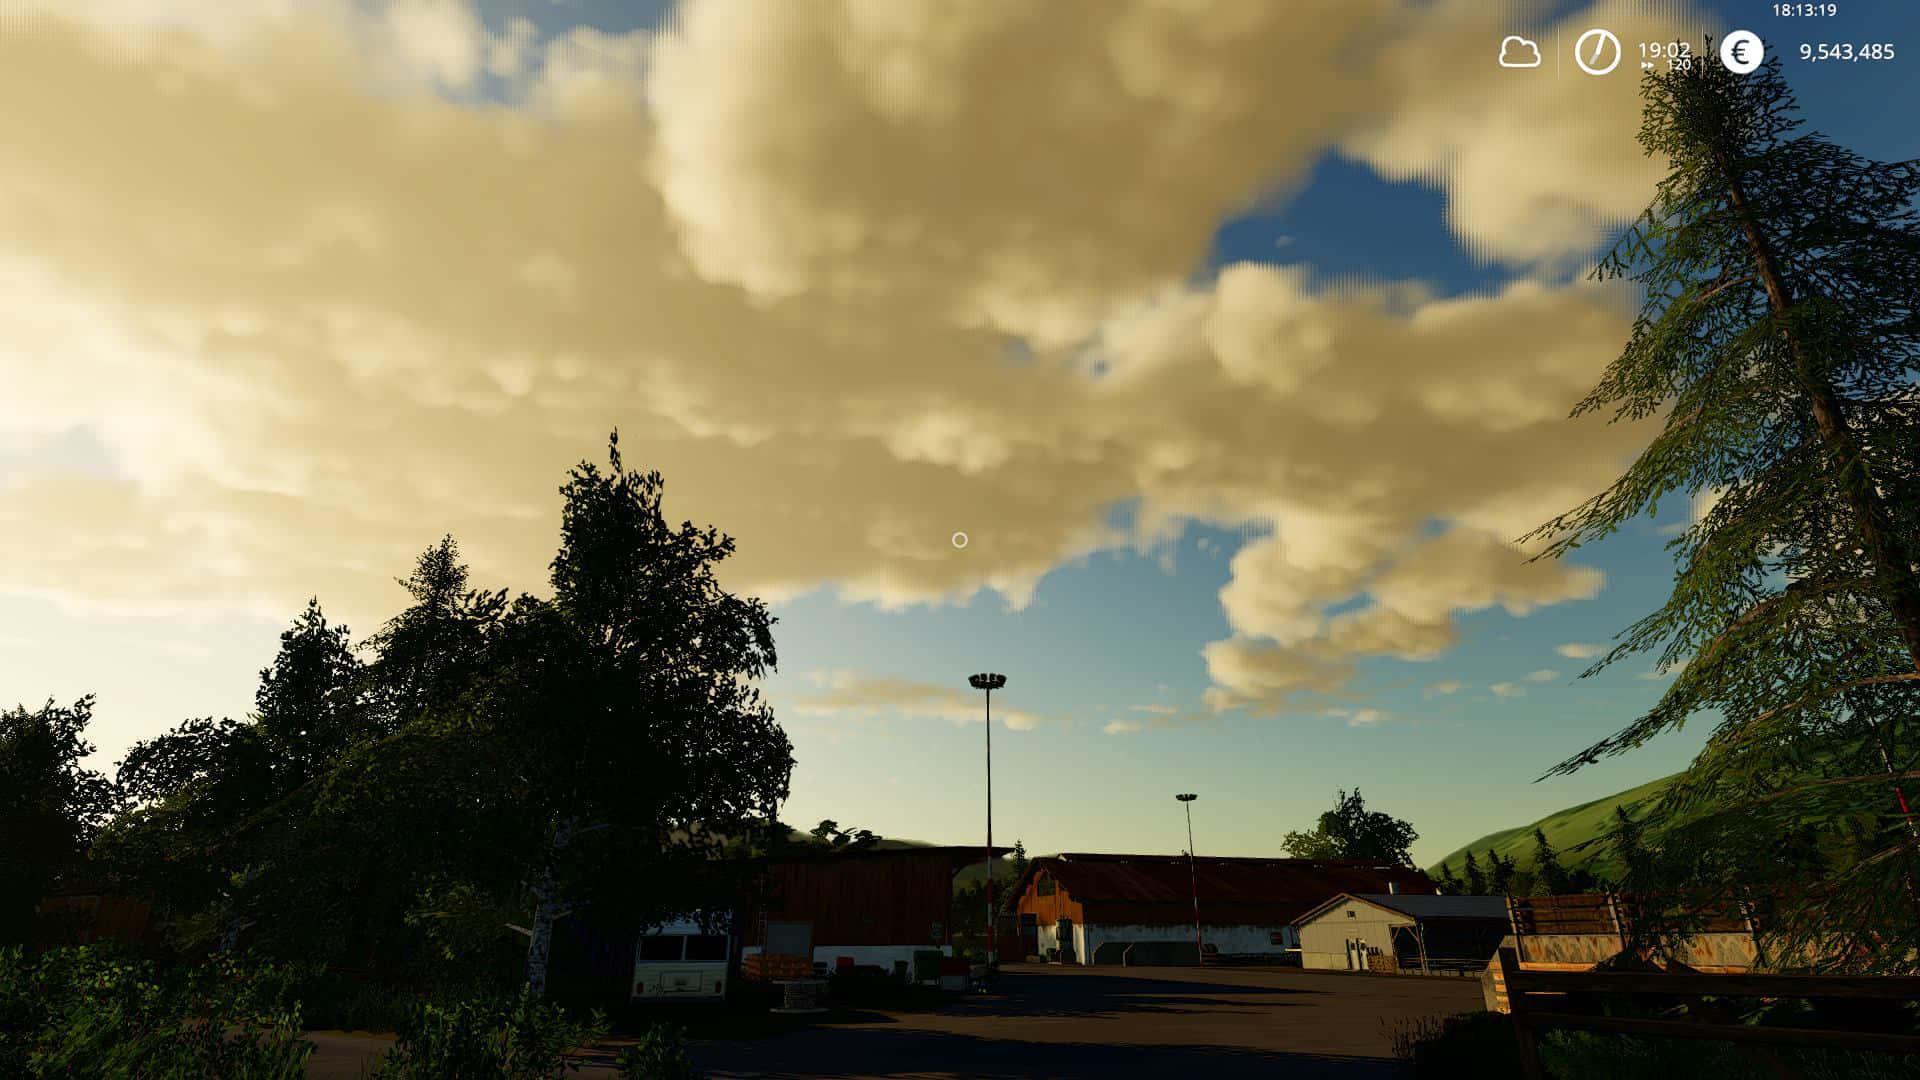 Sky v 1.0